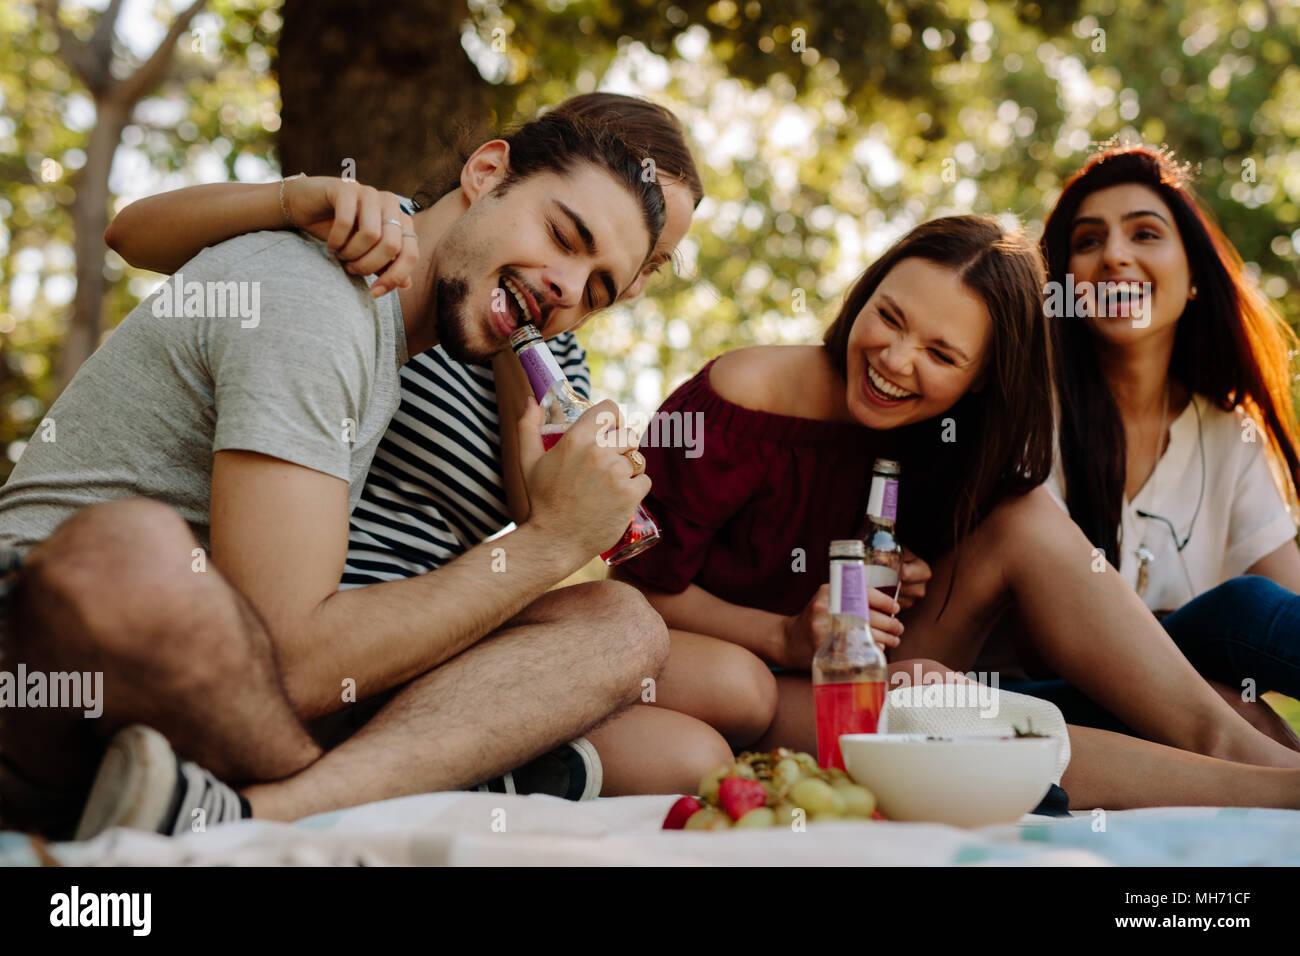 Mann das Öffnen einer Flasche mit seinen Zähnen und Frauen sitzen durch lächelnd. Eine Gruppe von Freunden mit Getränken zum Picknick. Stockbild